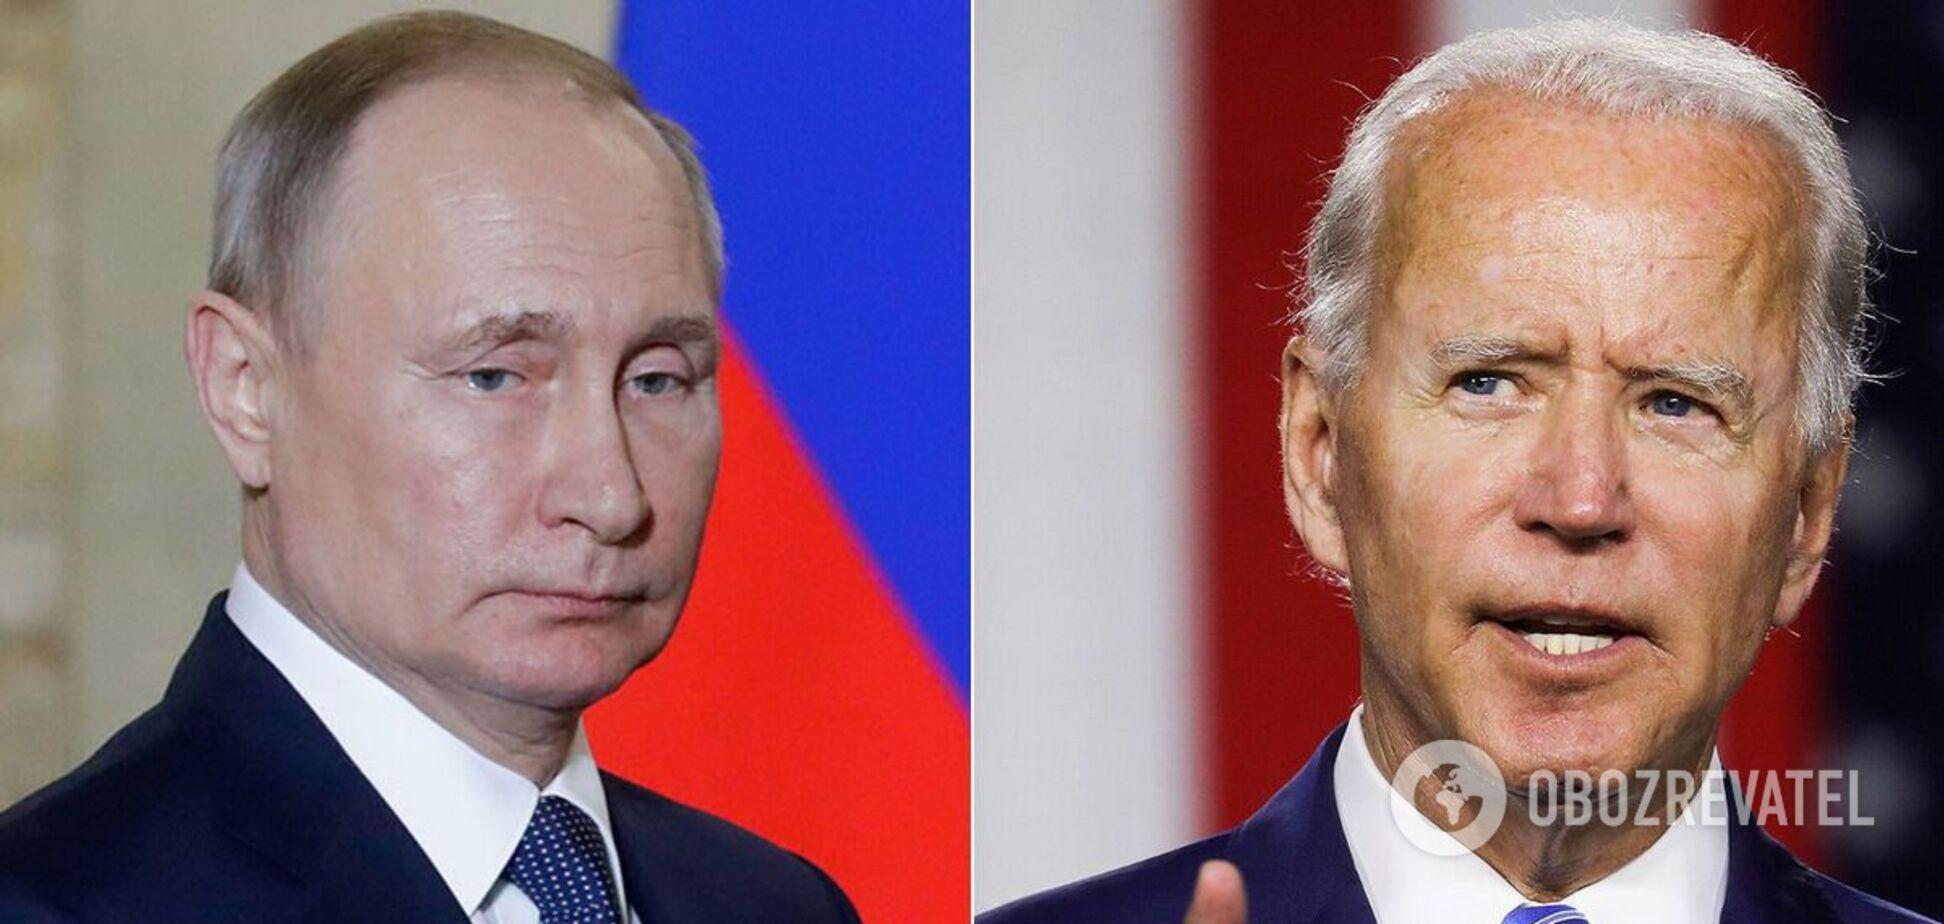 У Путина признали серьезные разногласия с Байденом по Украине